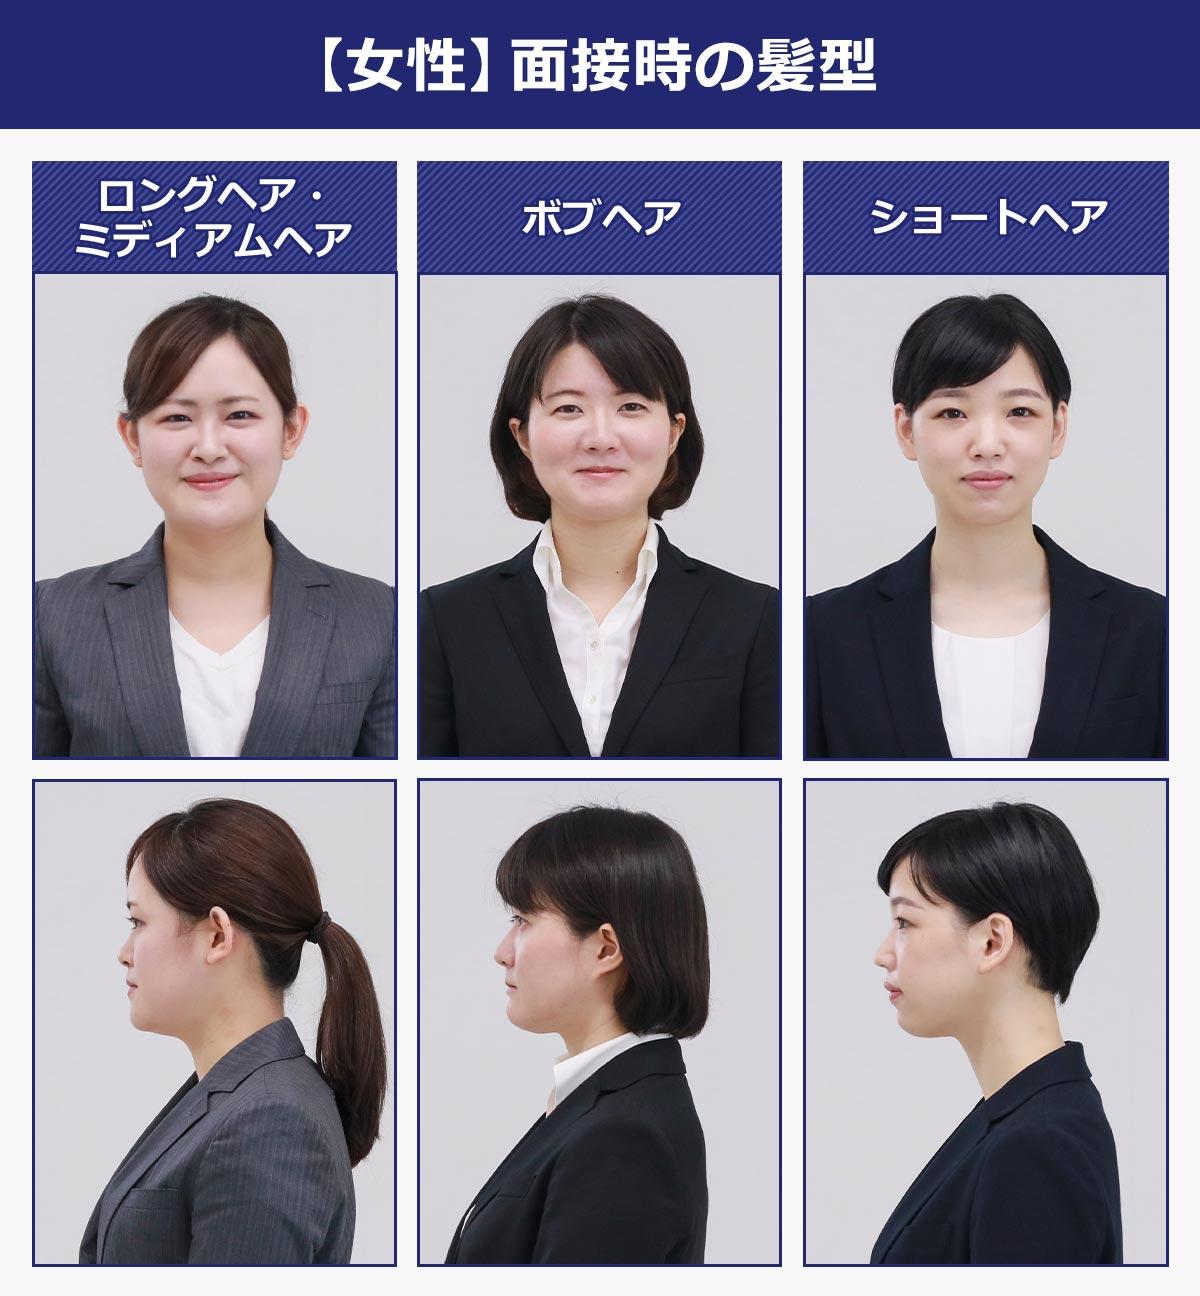 【女性】面接時の髪型→ロングヘア・ミディアムヘアの場合、ボブヘアの場合、ショートヘアの場合